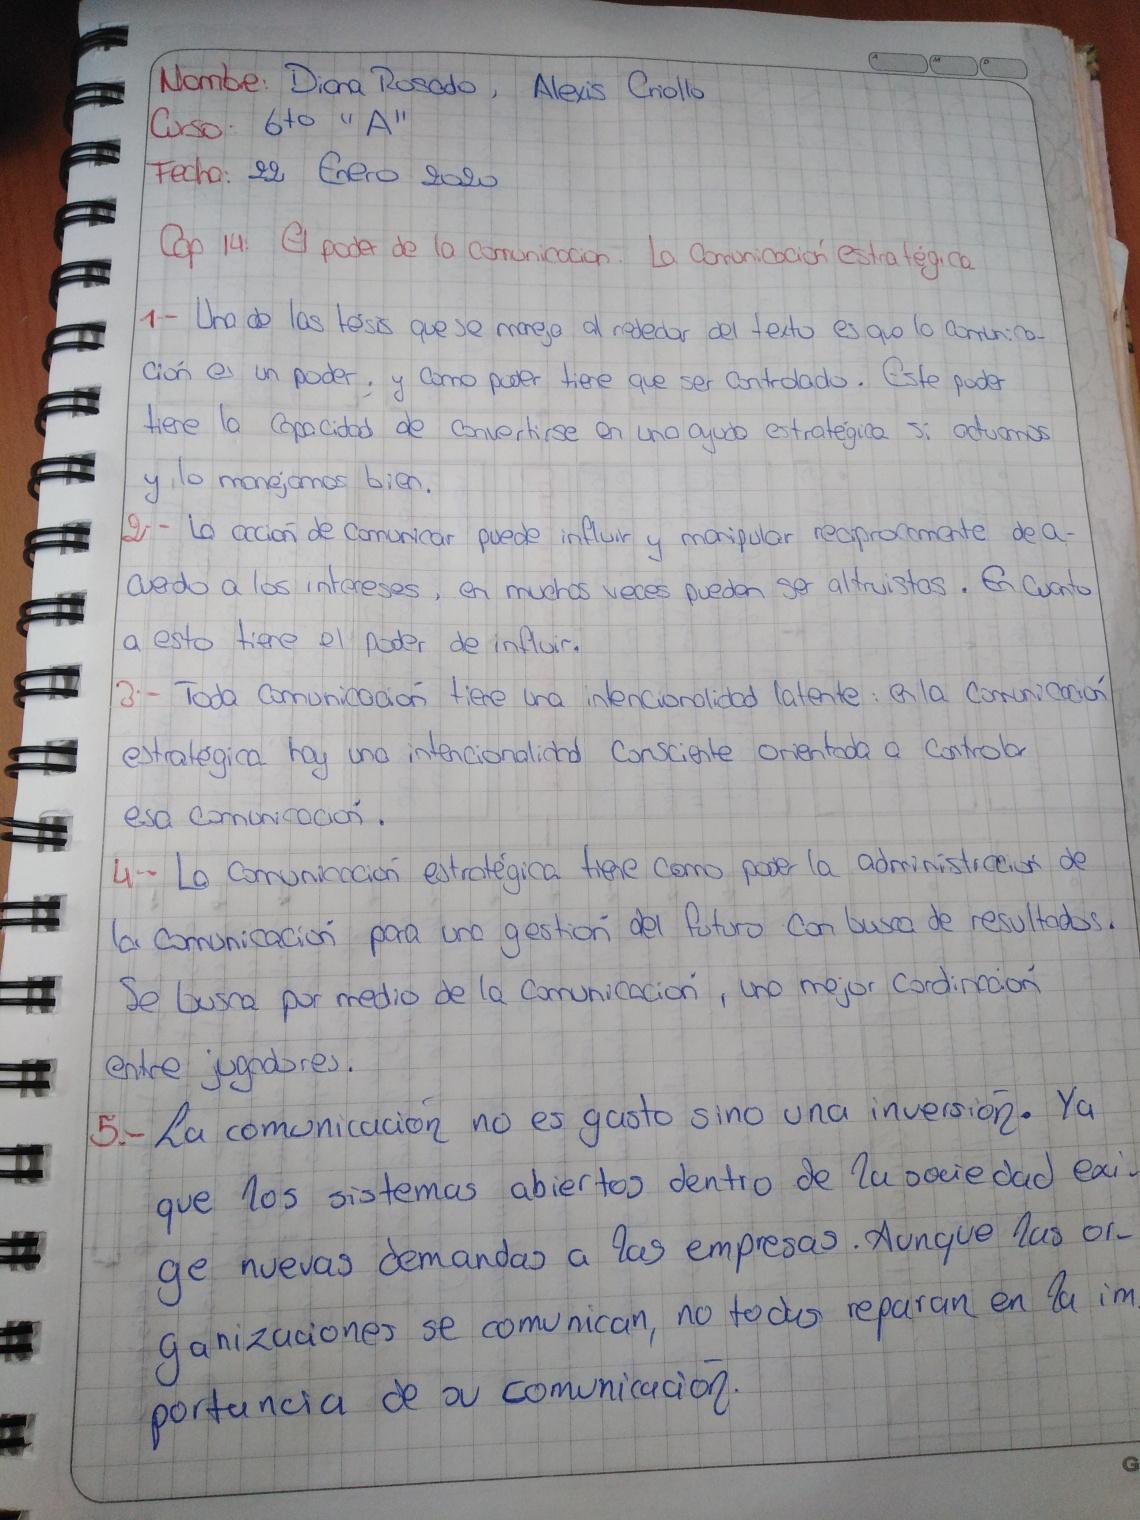 Rosado Diana - Criollo Alexis2.jpg